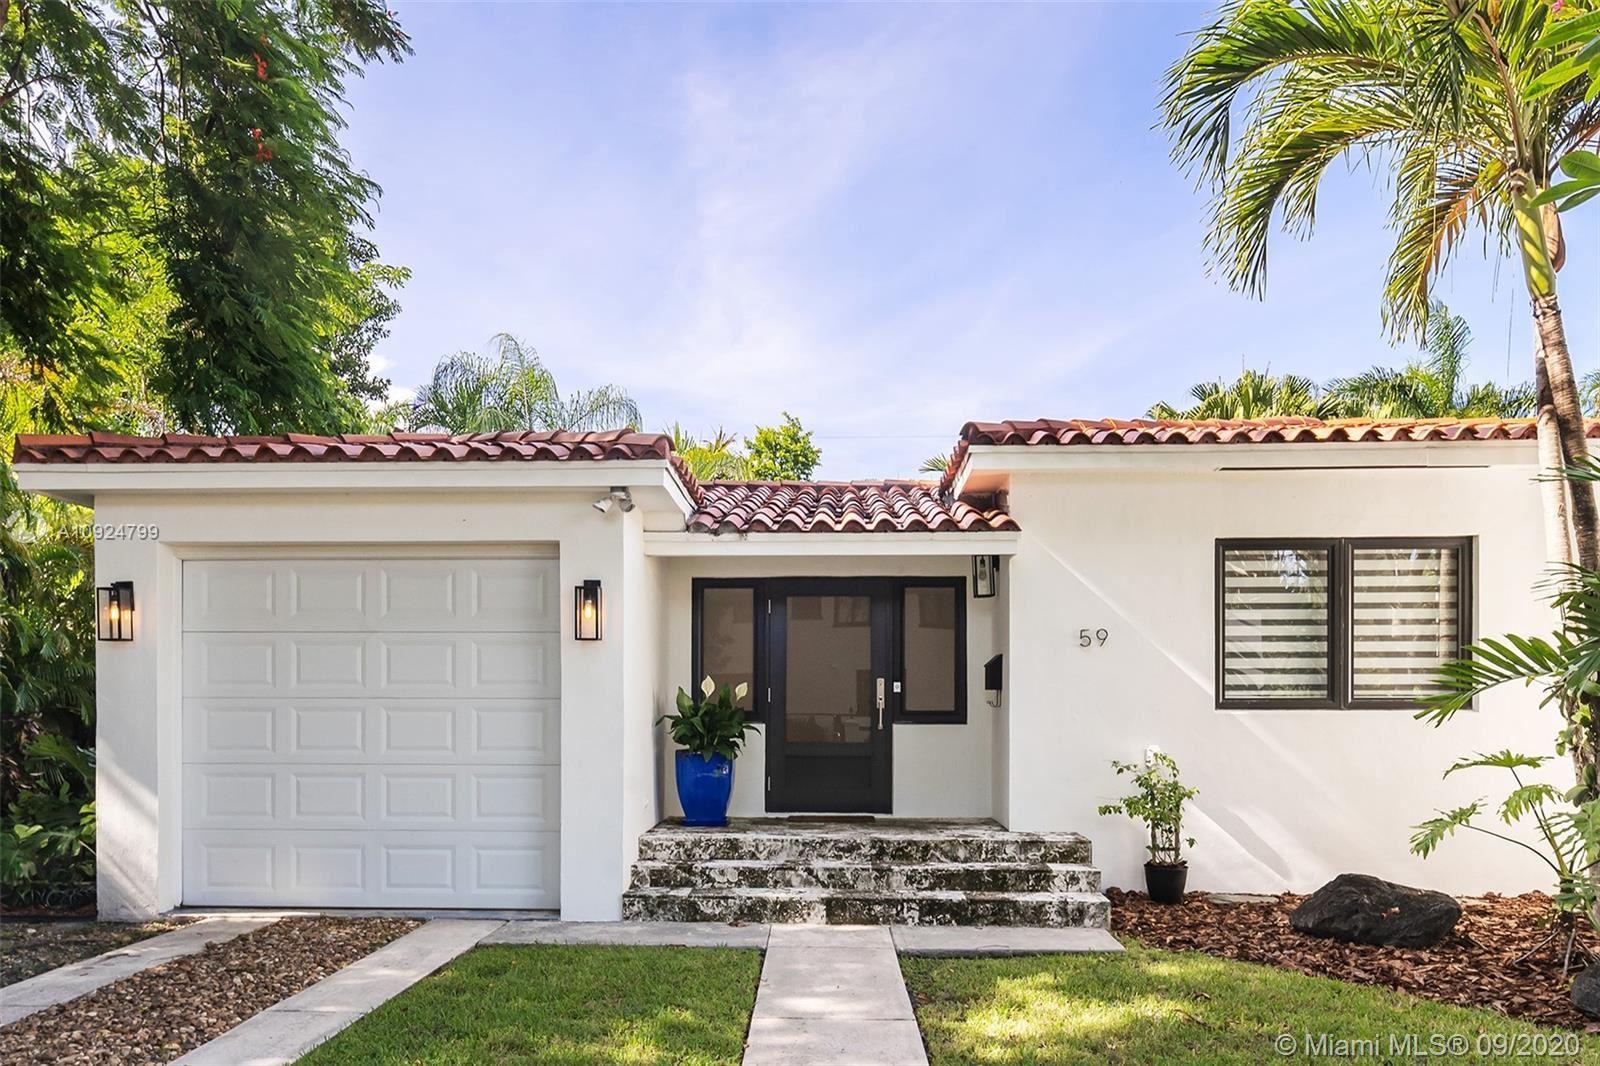 59 Romano Ave, Coral Gables, FL 33134 - #: A10924799